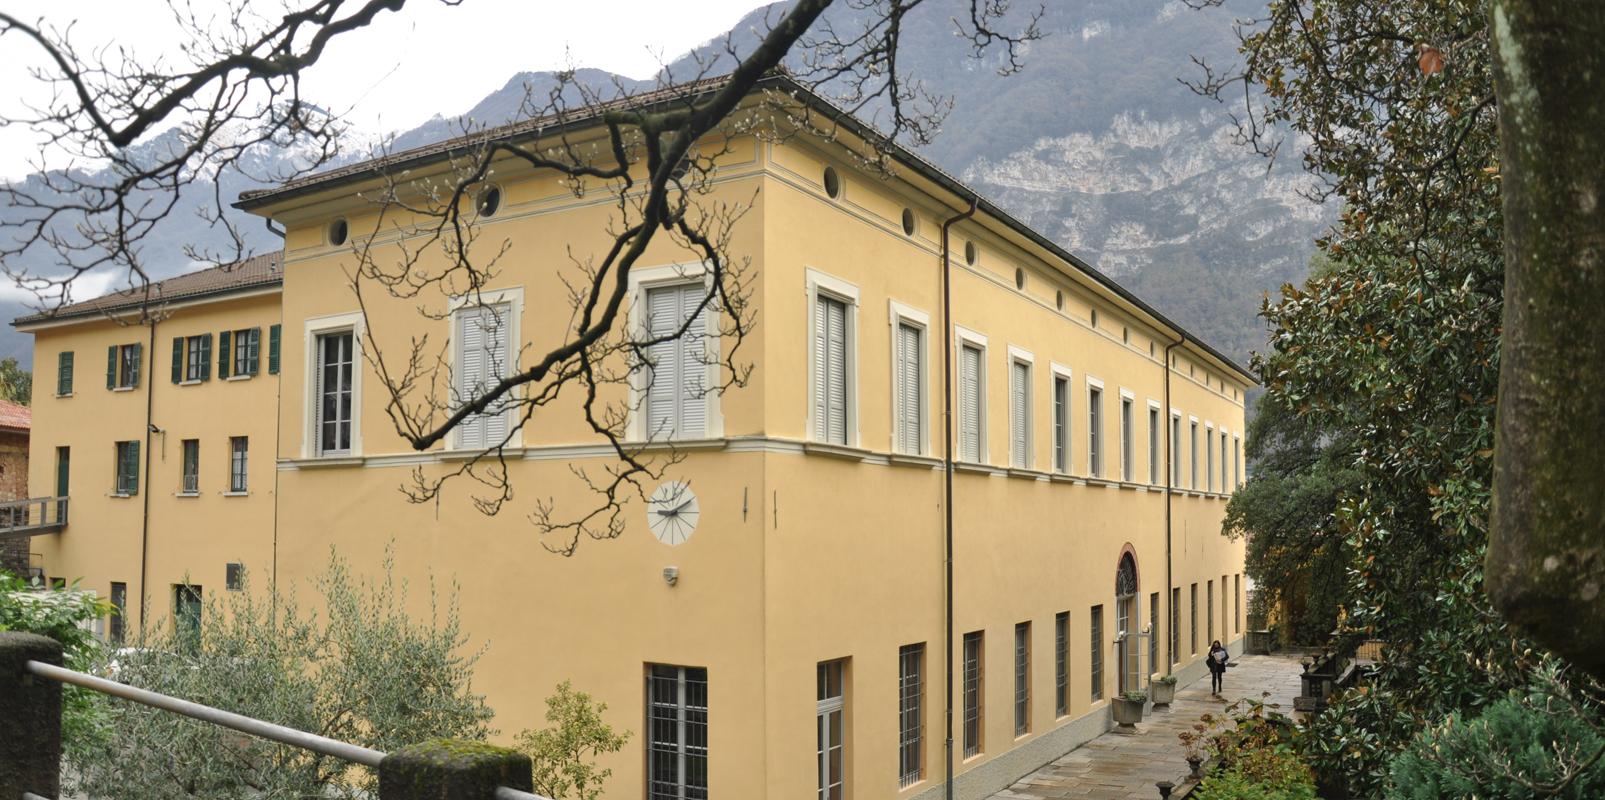 Istituto a Riva San Vitale